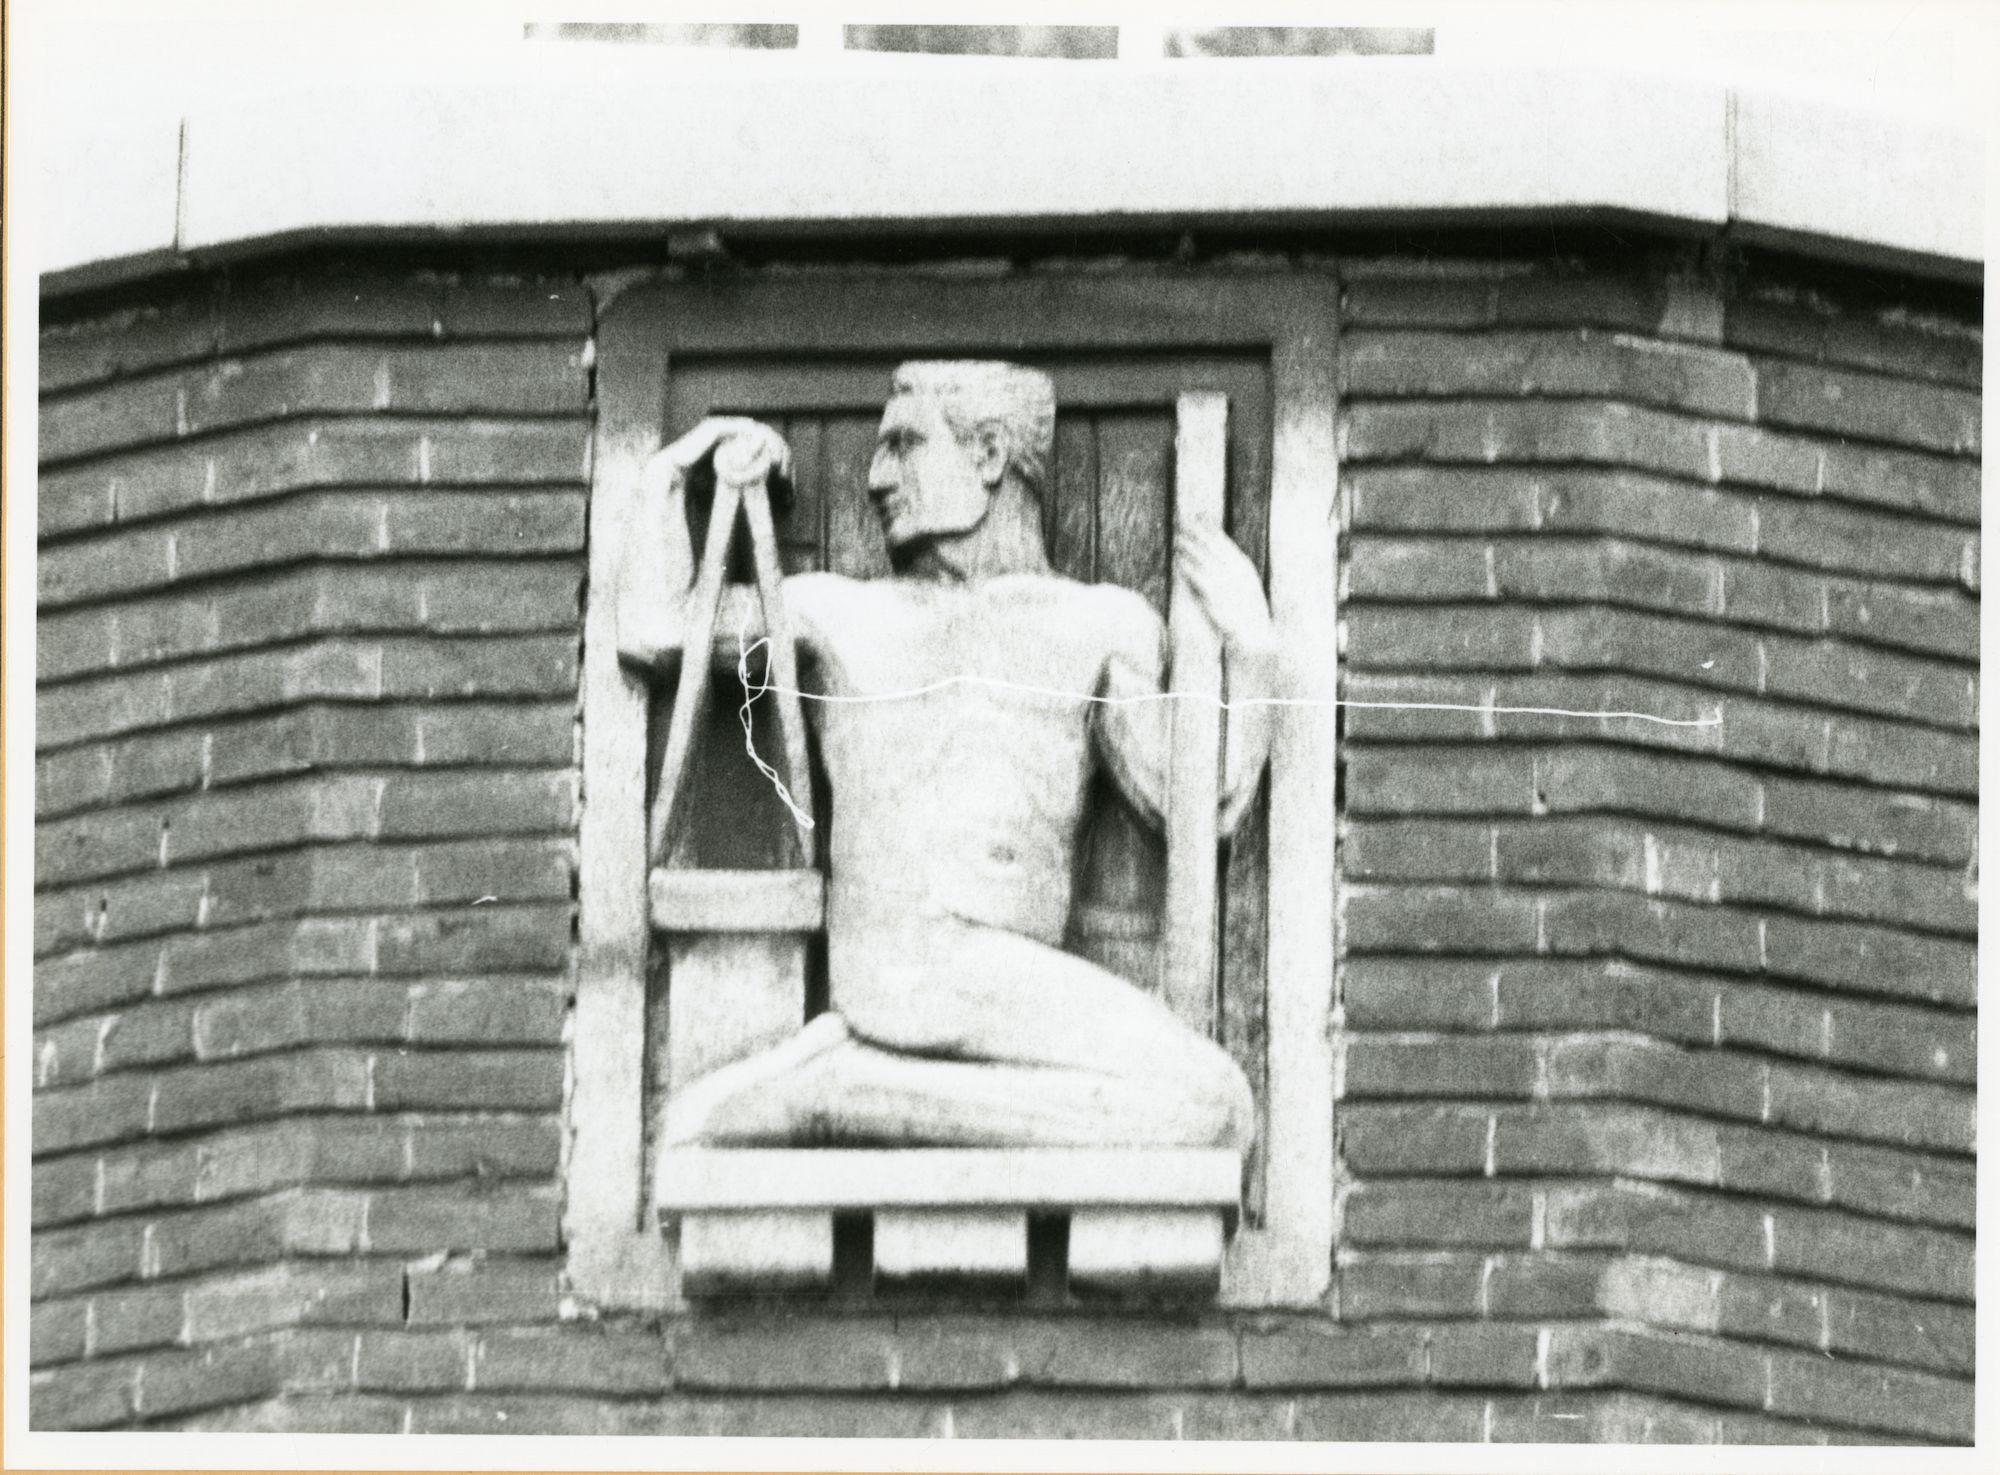 Gent: Coupure Rechts:  Faculteit van de Dierengeneeskunde: gevelsteen: symbolen arbeid: architectuur, 1979